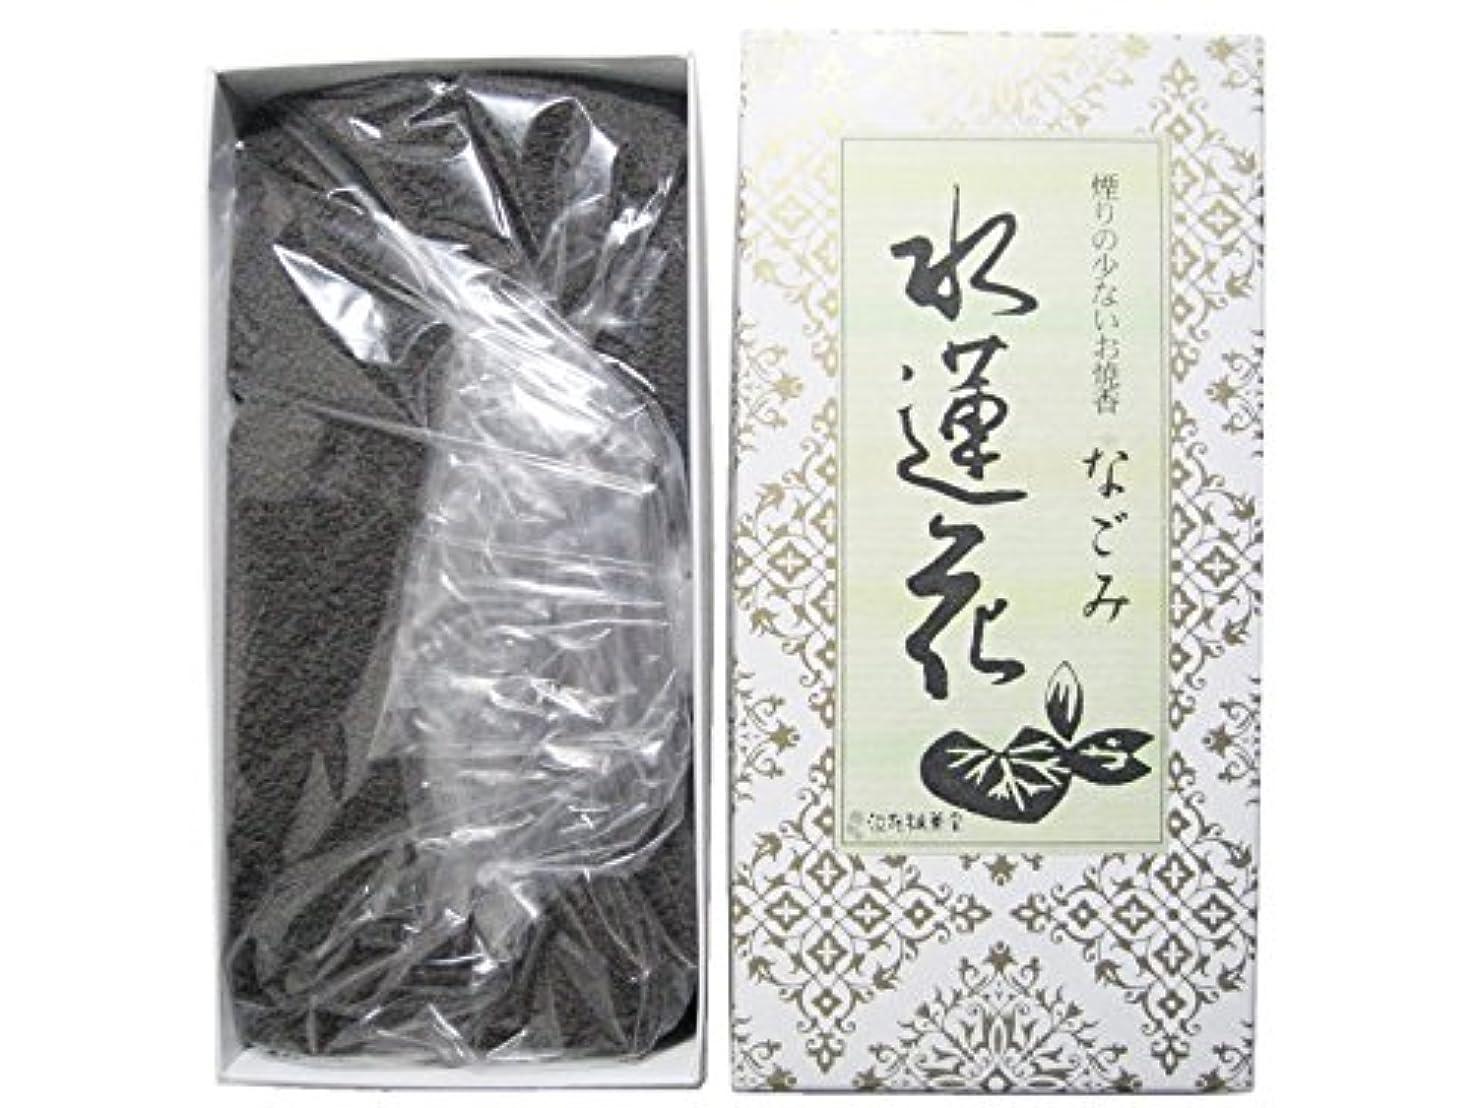 吸う東部先淡路梅薫堂のお香 煙の少ないお焼香 なごみ 水蓮花 500g×5箱 #931